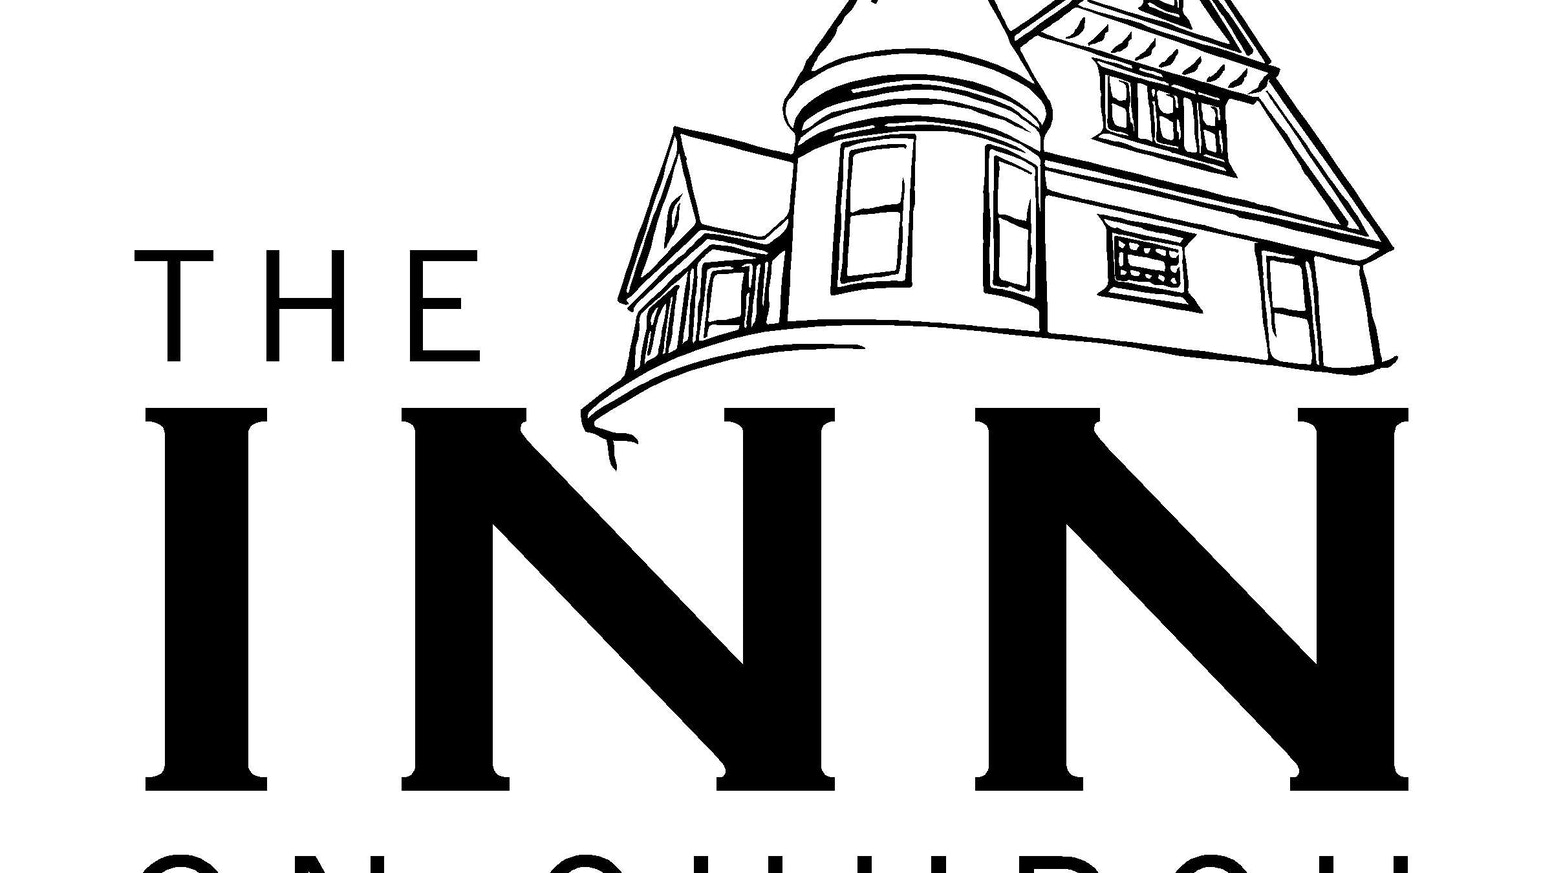 The Inn on Church: It Takes a Village by The Inn on Church